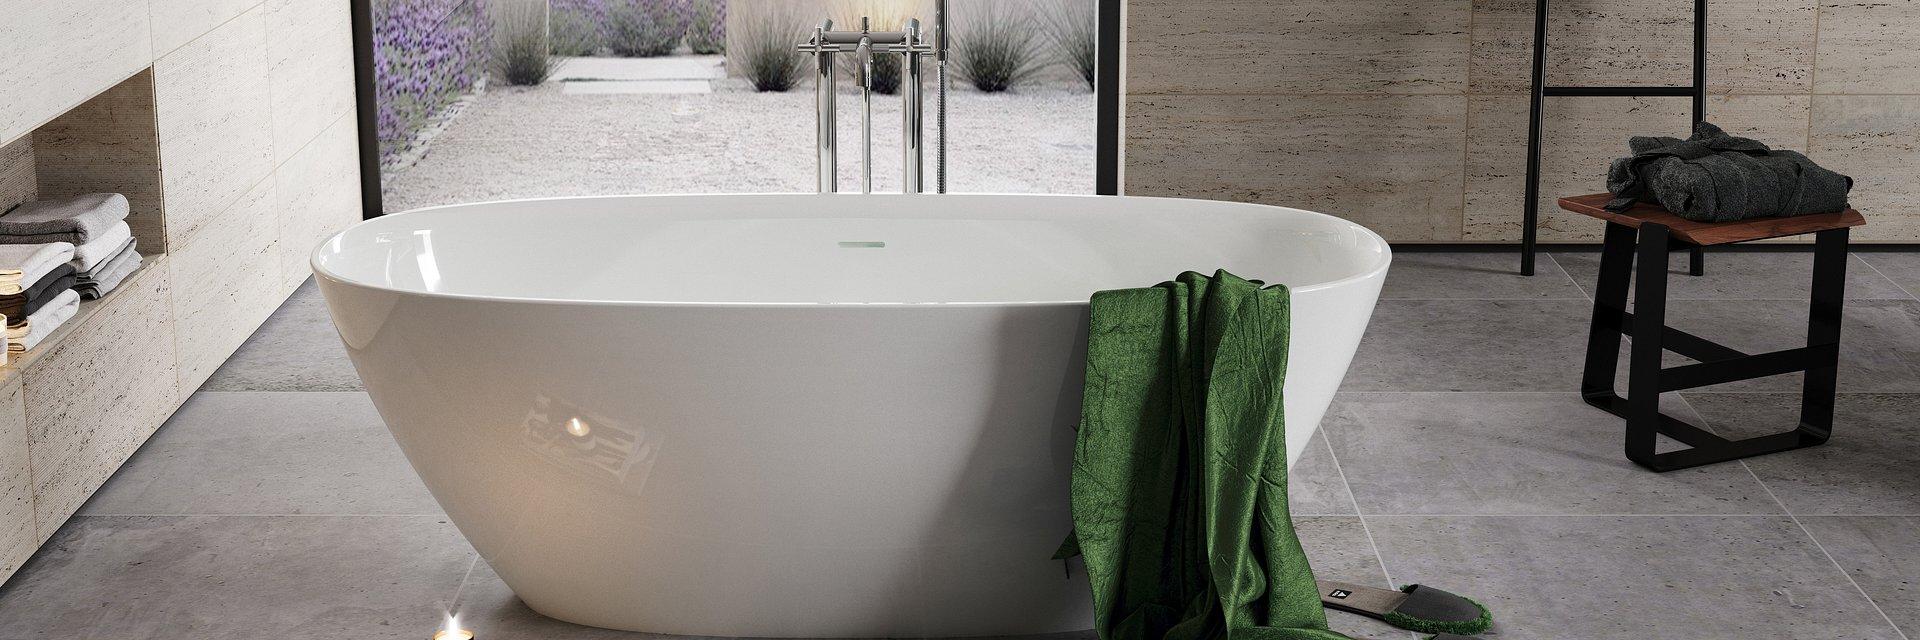 Ariane i Raina, niepowtarzalne wanny kompozytowe Roca. Oryginalny design, niezwykle miłe i ciepłe w dotyku.